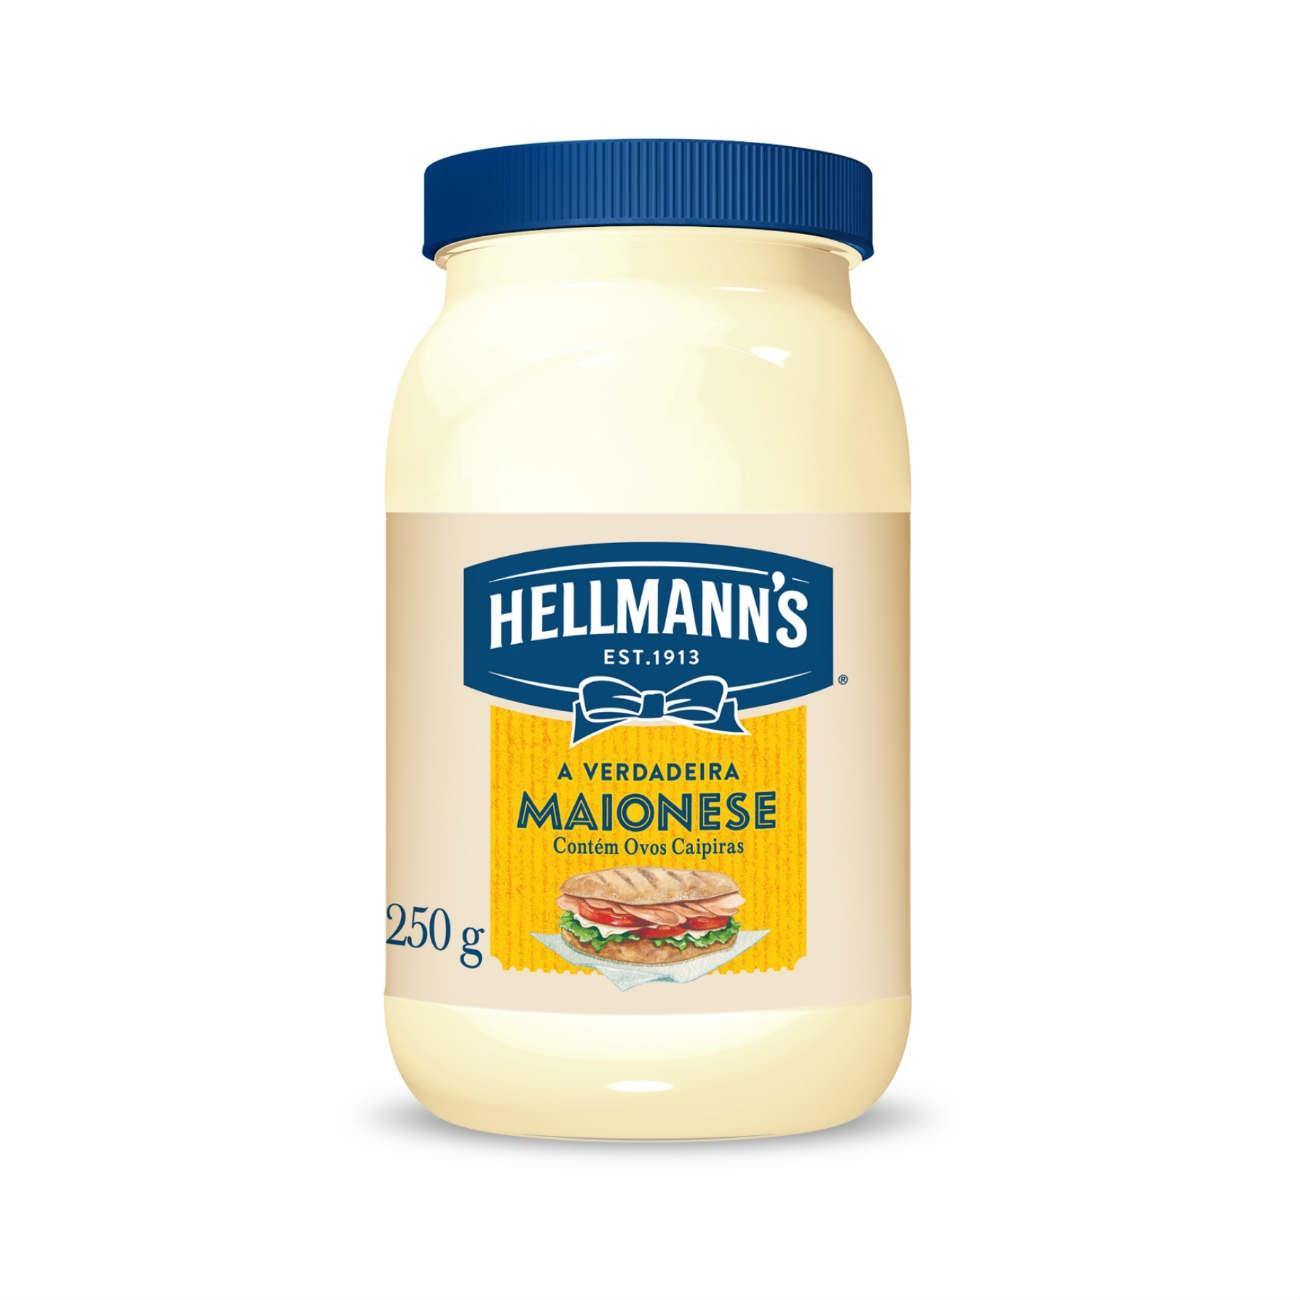 HELLMANNS MAIO REG PT 1X250G (24)